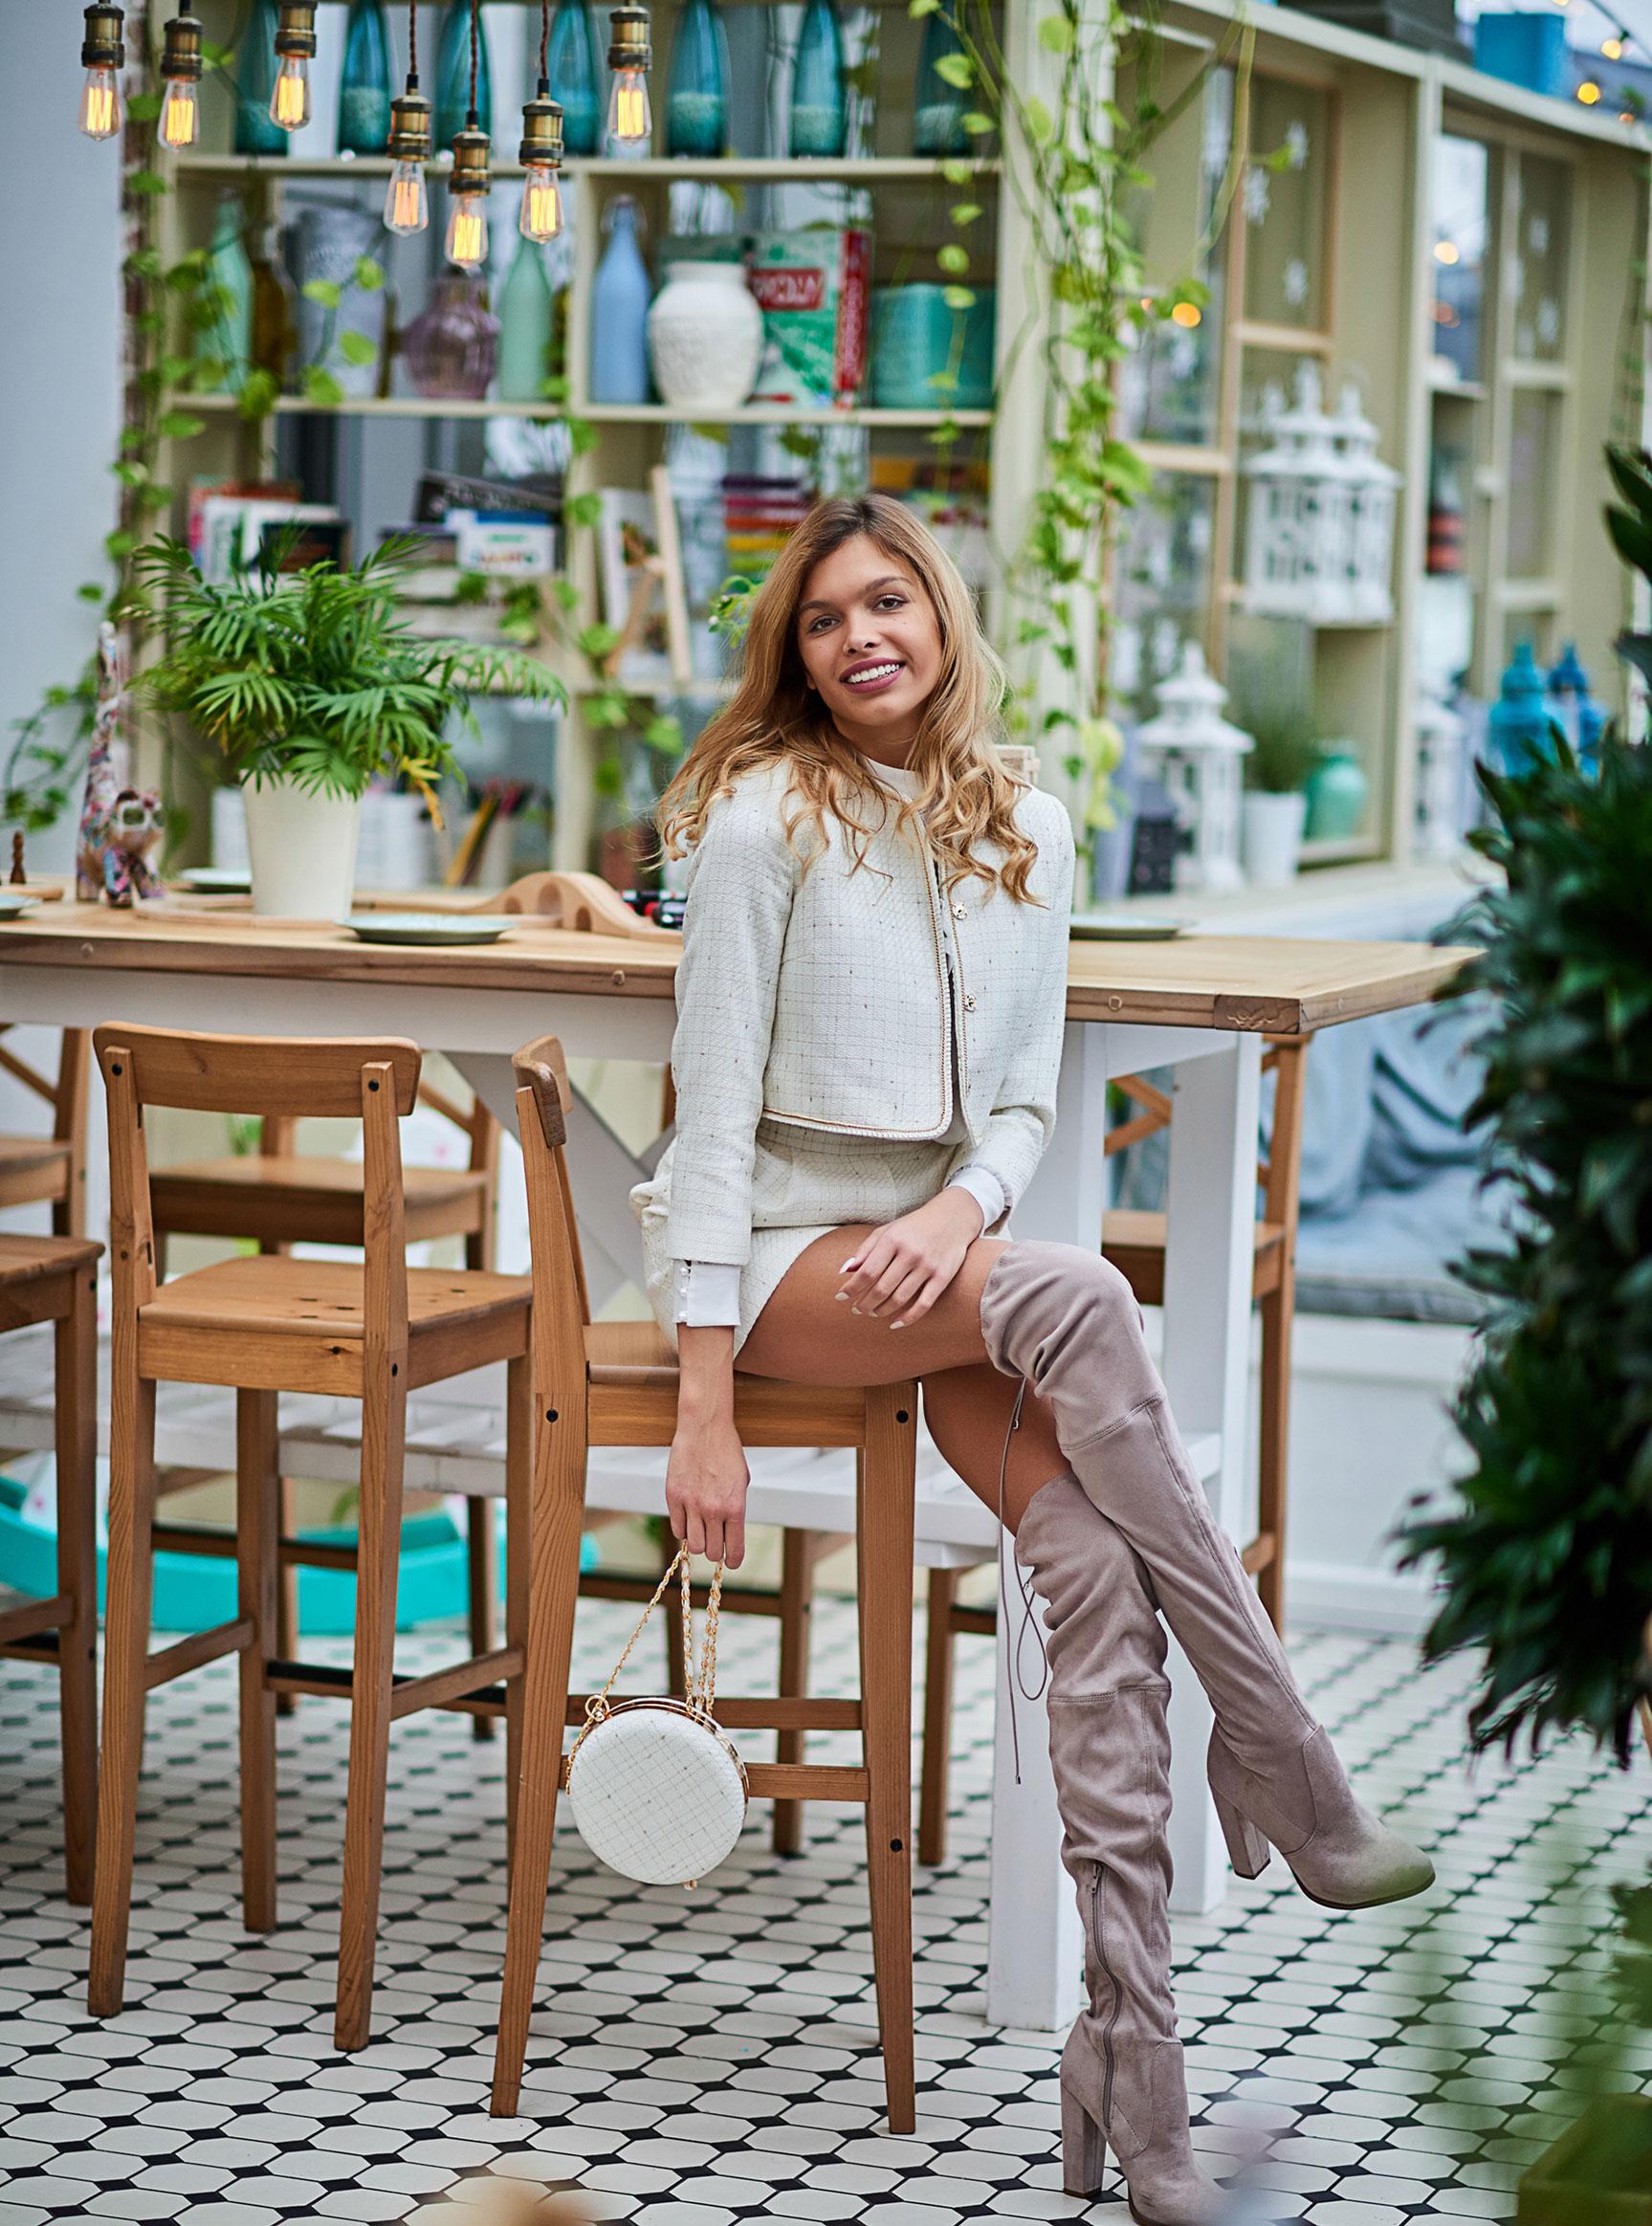 Анна Шорникова демонстрирует новогодние модели женской одежды модного бренда T-Skirt / фото 03